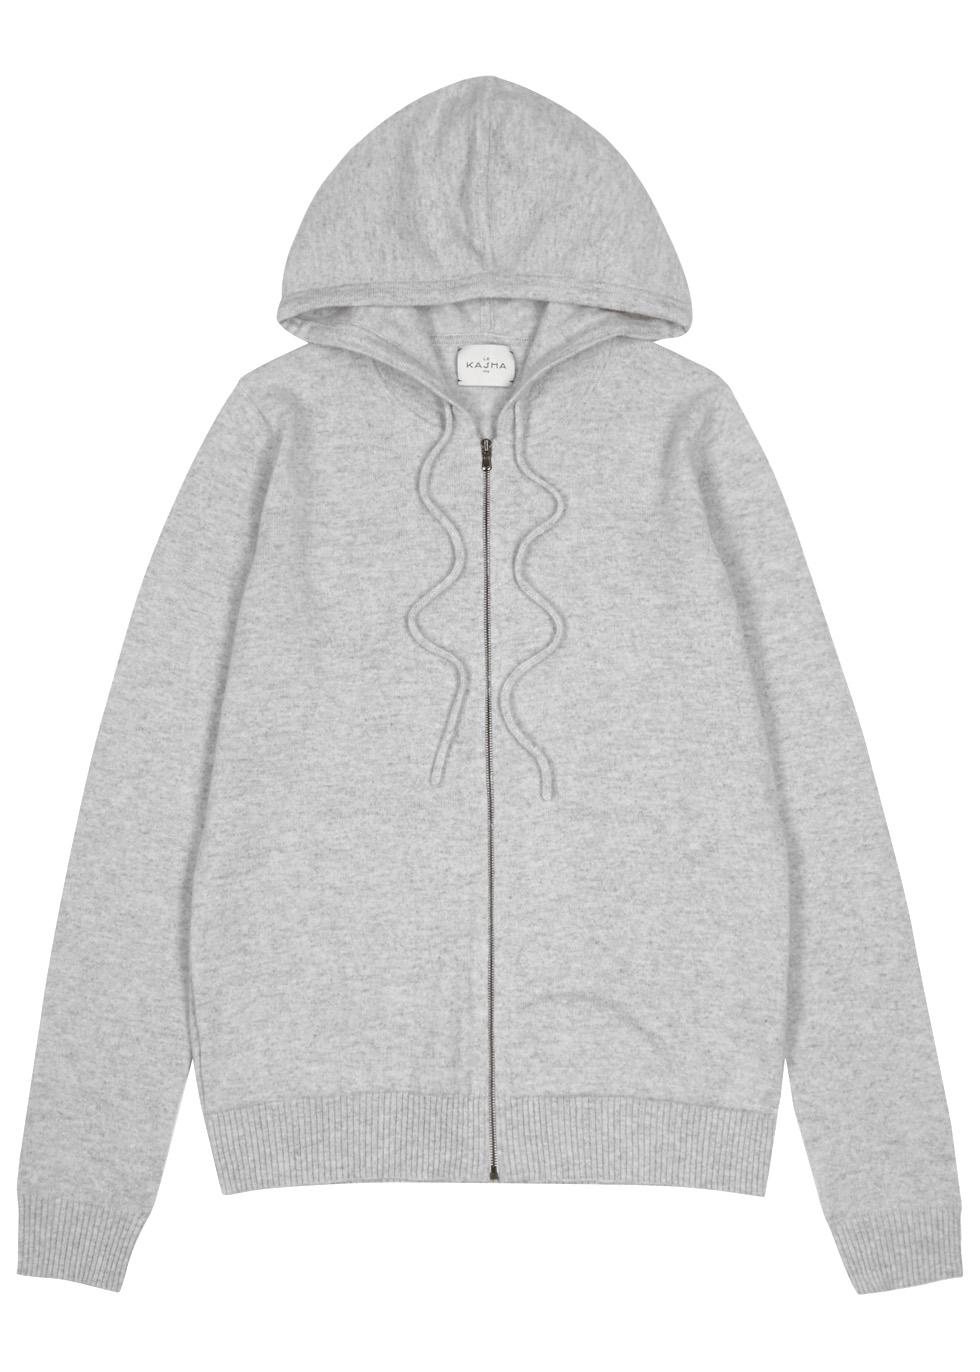 Jaipur hooded cashmere jumper - Le Kasha